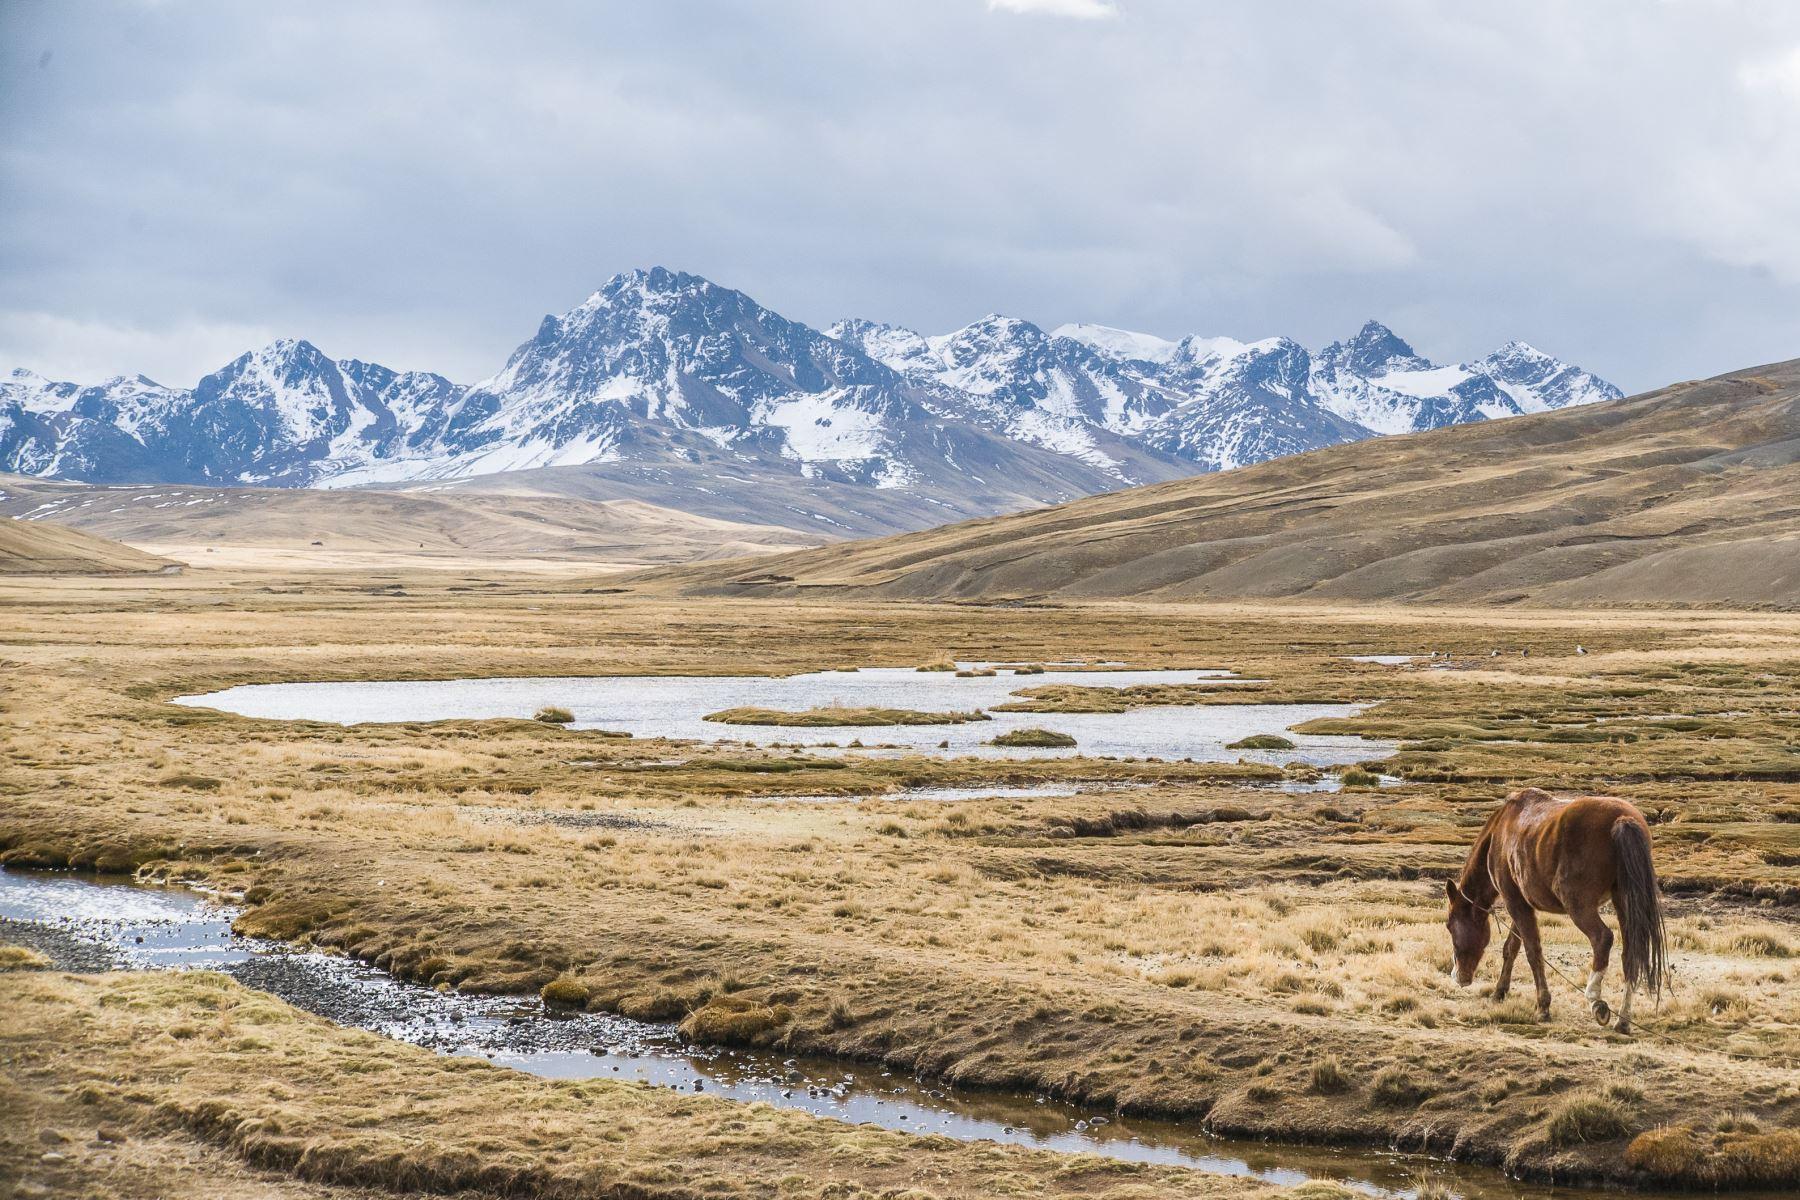 La futura Área de Conservación Regional Ausangate, en Cusco, estará conformada por siete nevados y un glaciar. Foto: ACCA